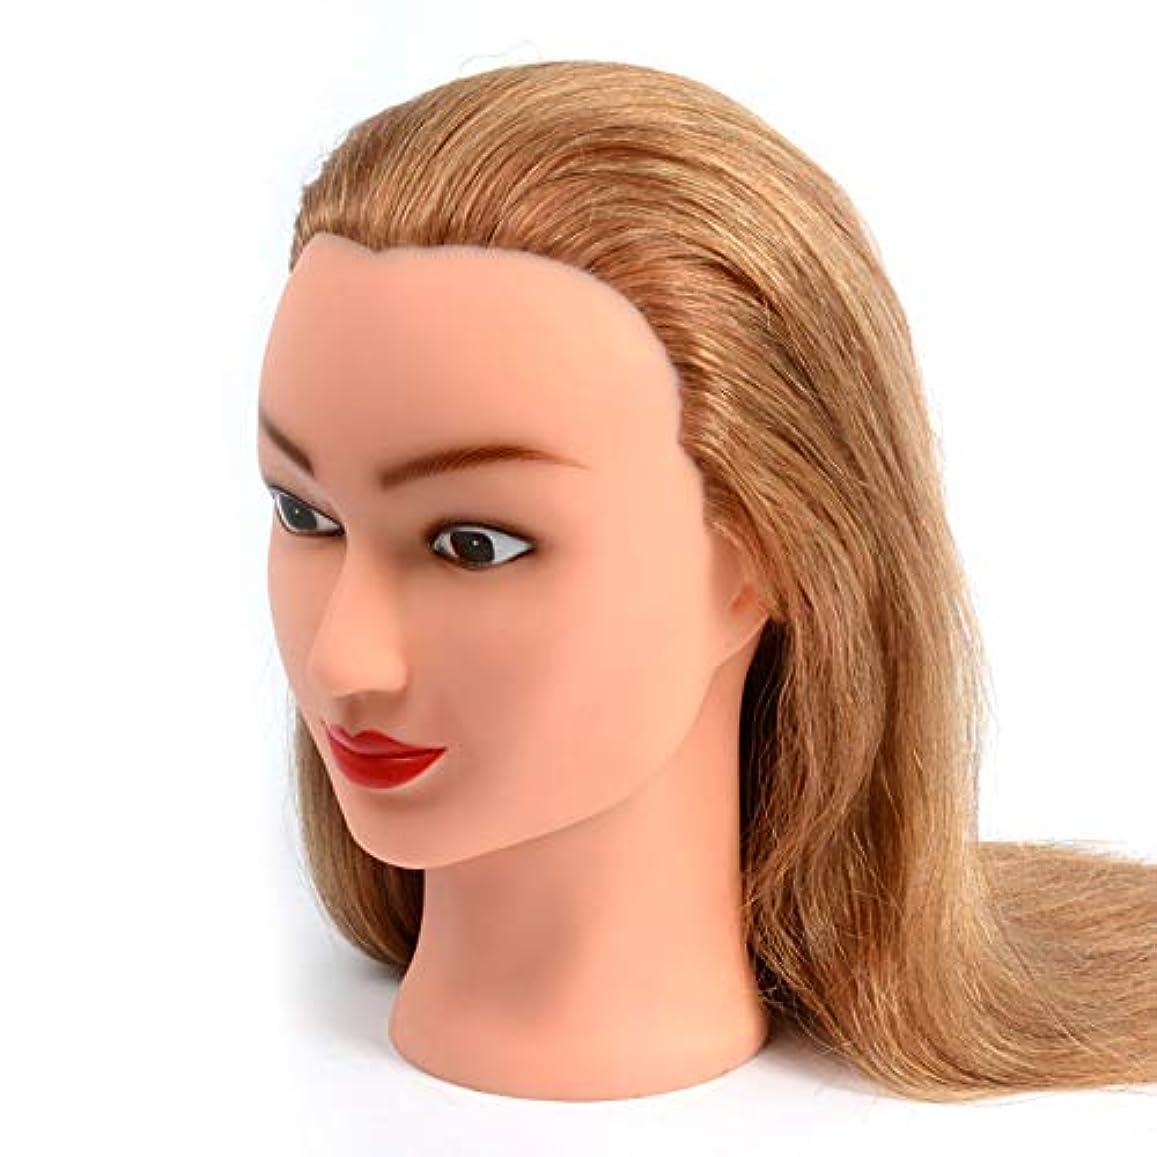 勢い市の中心部シャーロットブロンテブライダルメイクスタイリング練習モデル美容院散髪学習ダミーヘッドは染色することができますし、漂白ティーチングヘッド